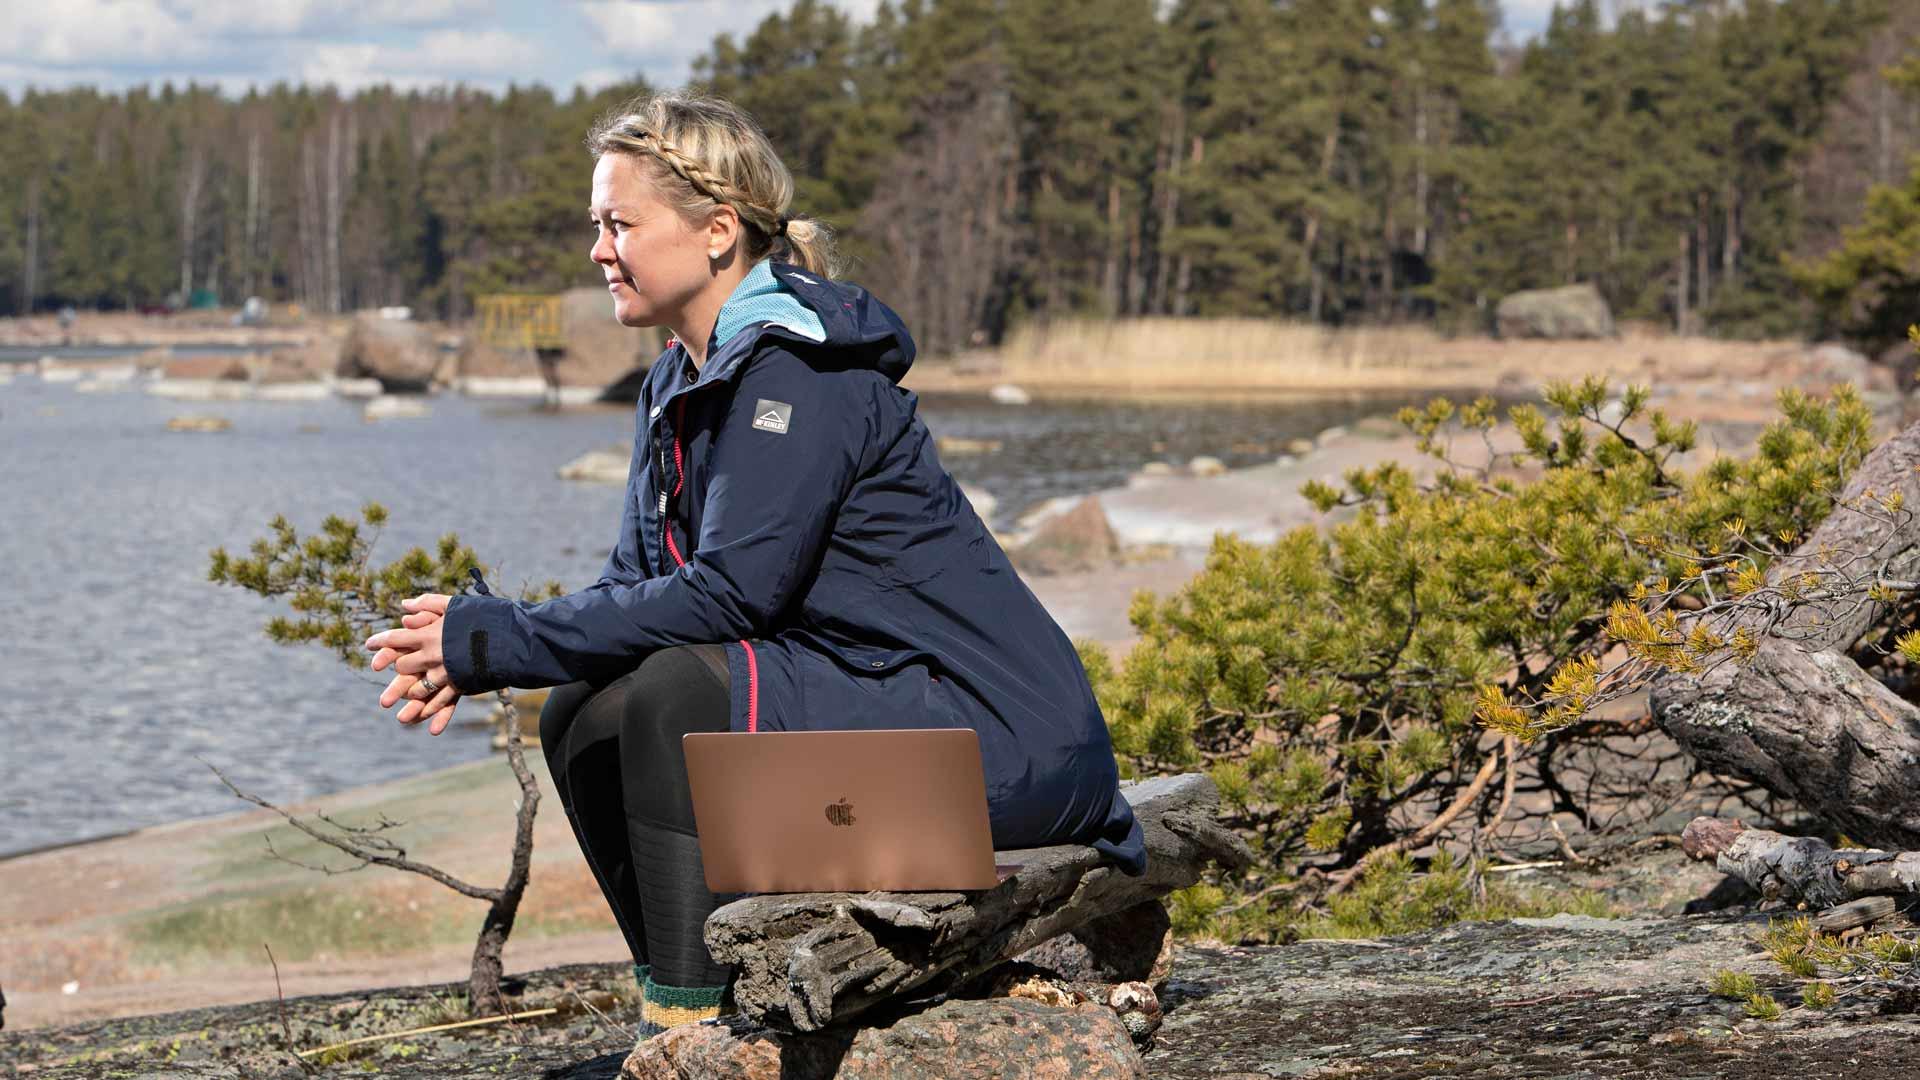 Toimittaja Anneli Juutilainen vetäytyi perheensä kanssa koronavirukselta suojaan kesämökille. Kahden kuukauden vapaaehtoinen eristäytyminen oli unohtumaton ajanjakso.